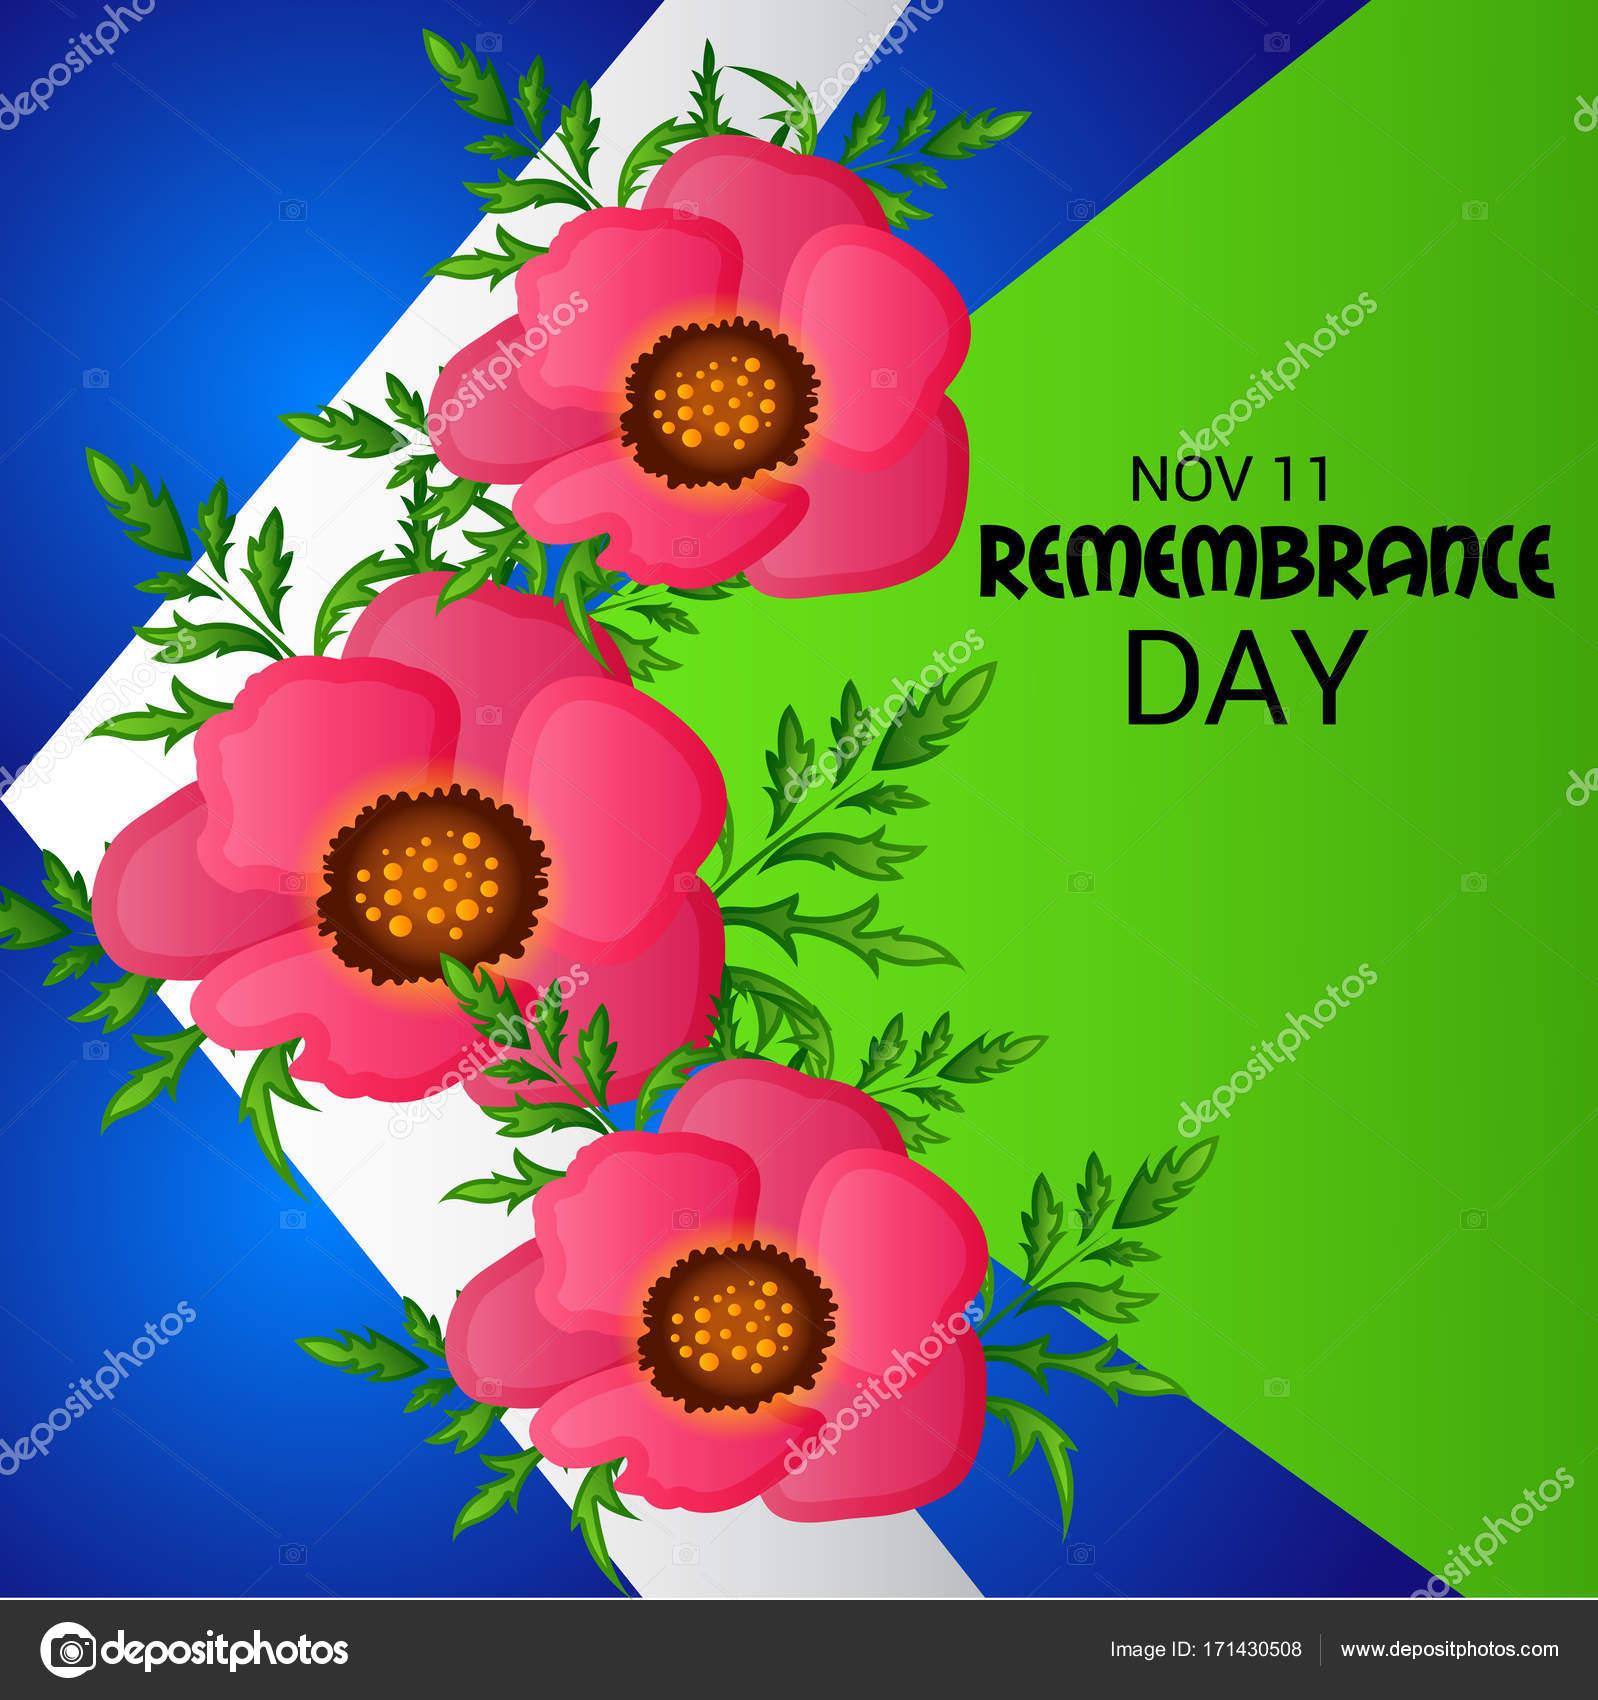 Remembrance Day 11 Nov. — Stock Vector